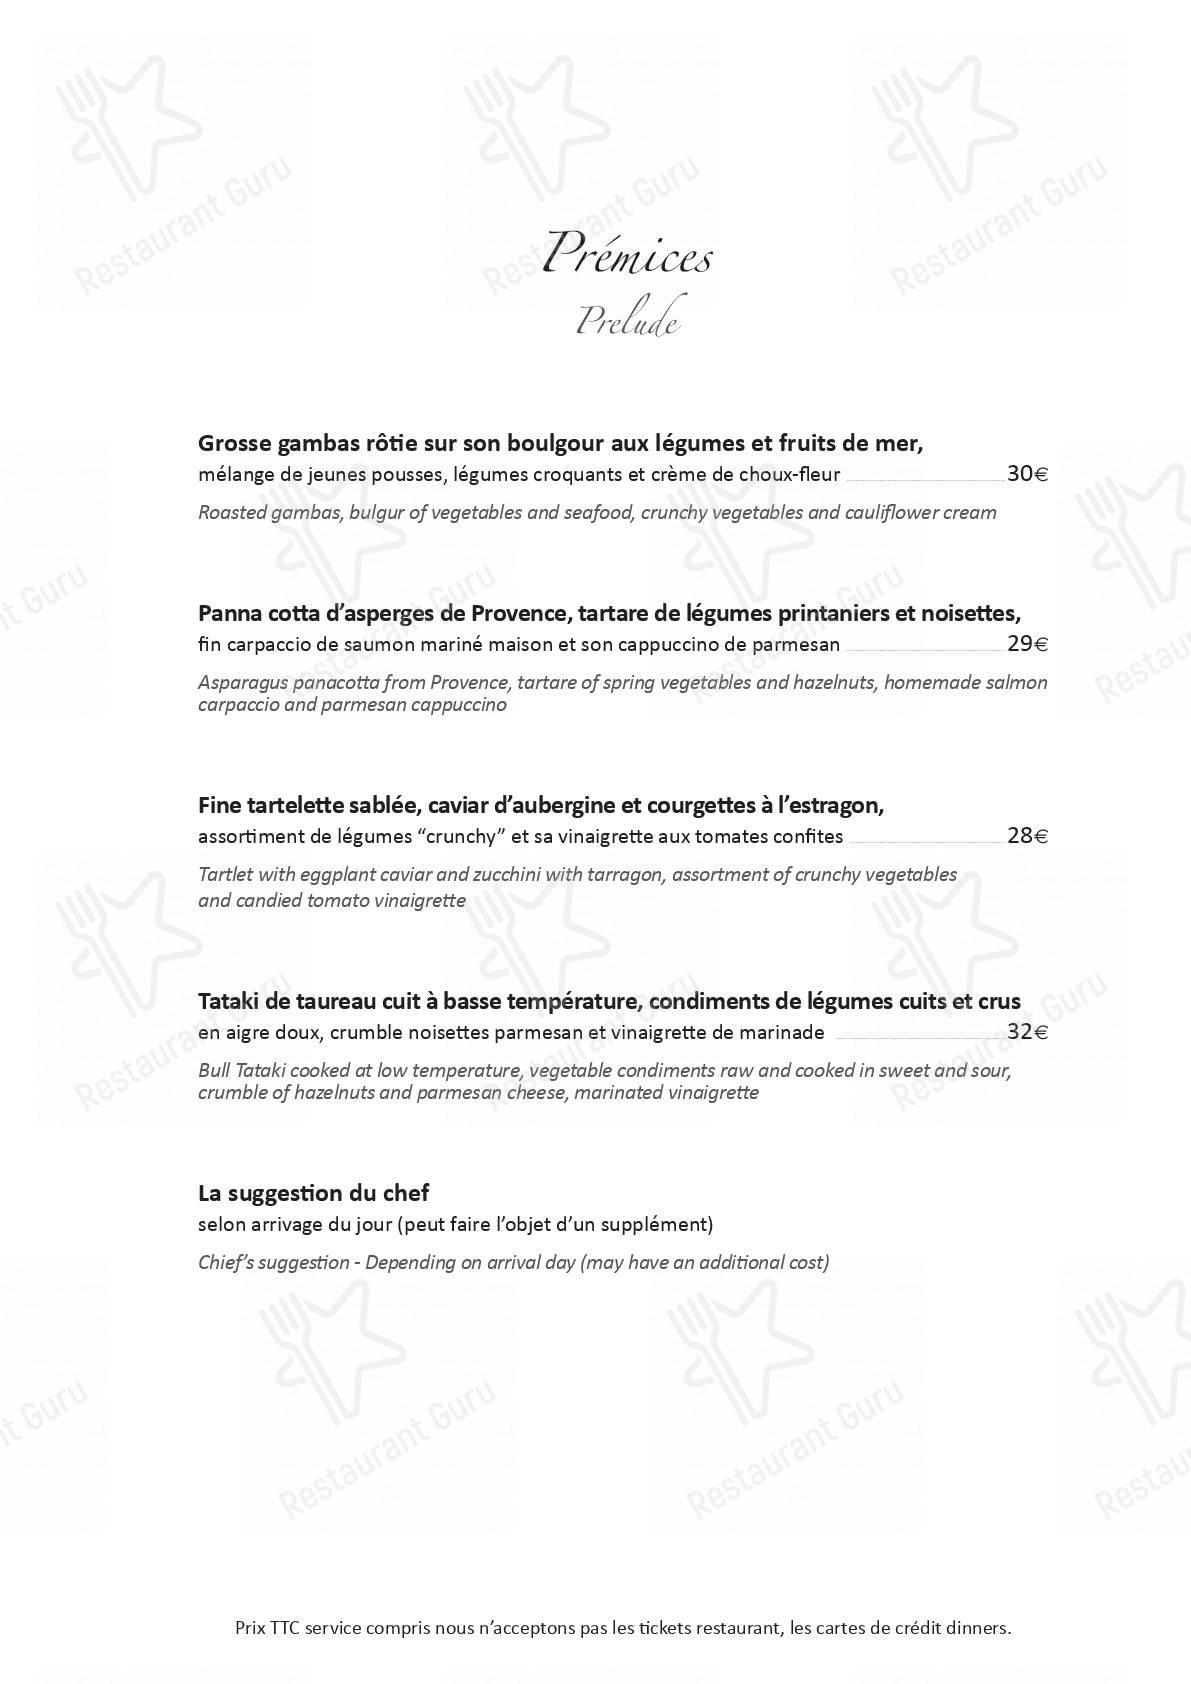 Menu pour Le Potager du Mas - plats et boissons